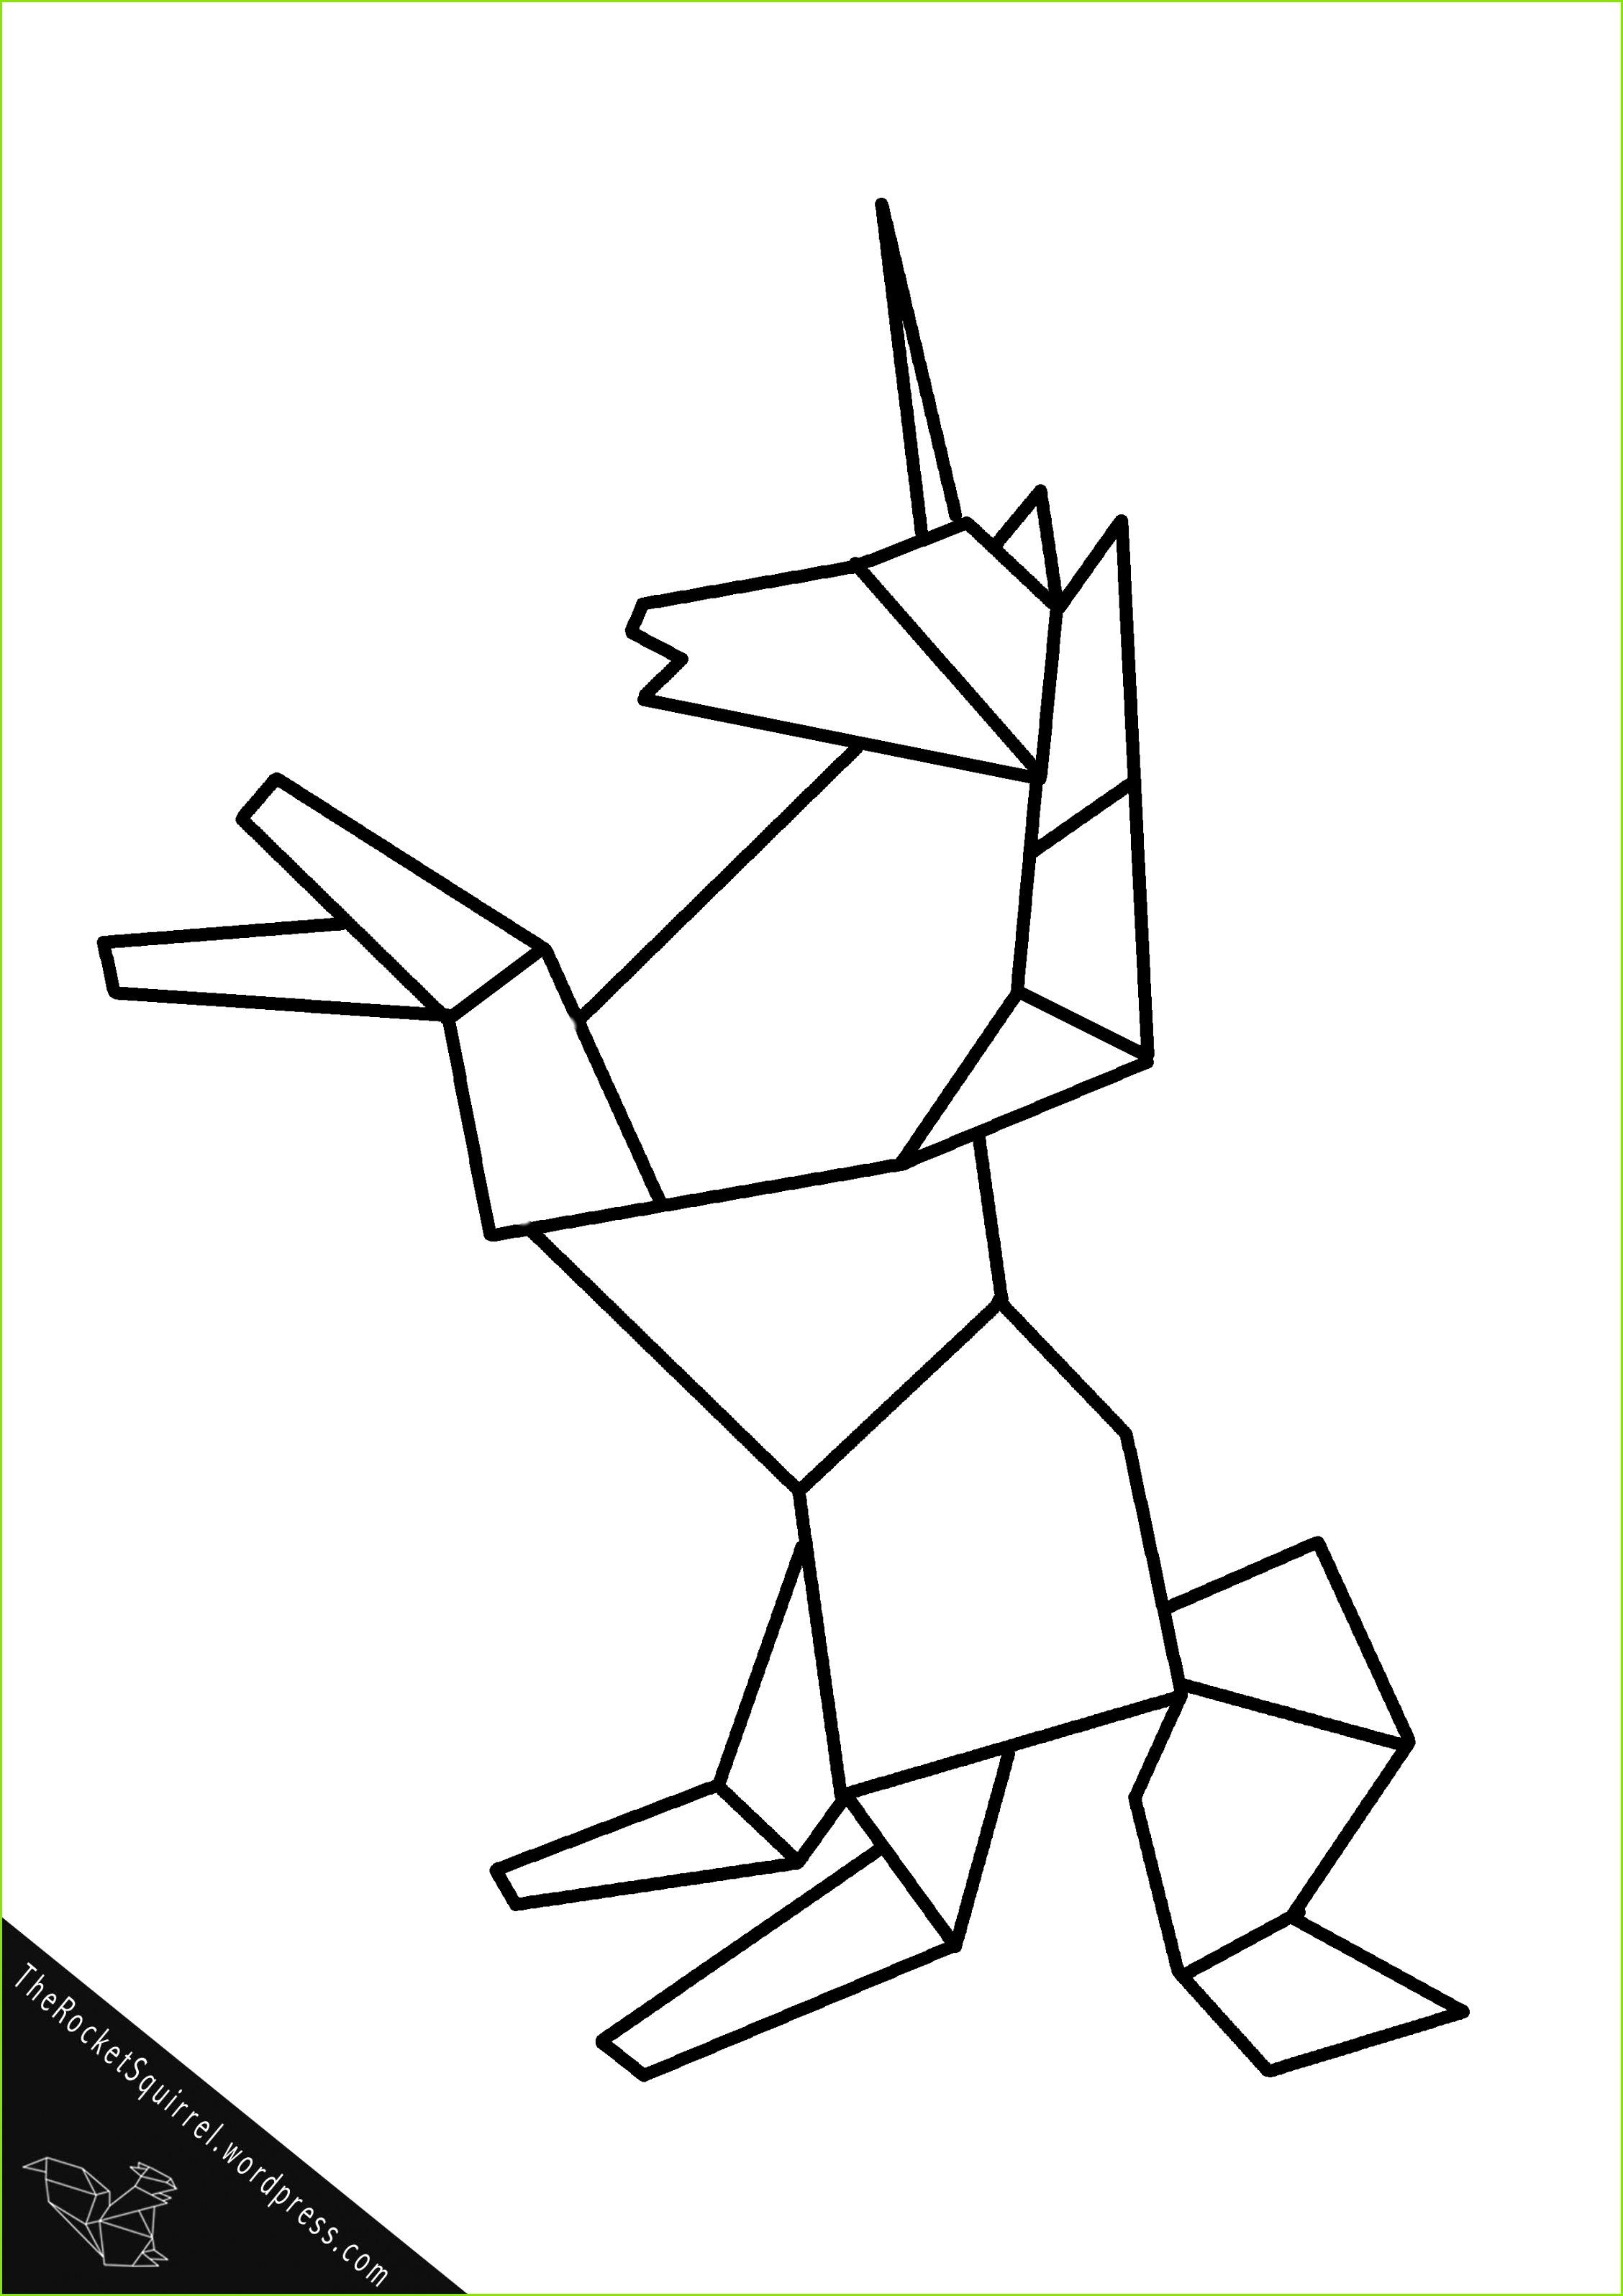 Origami Einhorn Druckvorlage A4 Einhorn Zeichnen Einhorn Malen Bilder Zeichnen Malen Und Zeichnen